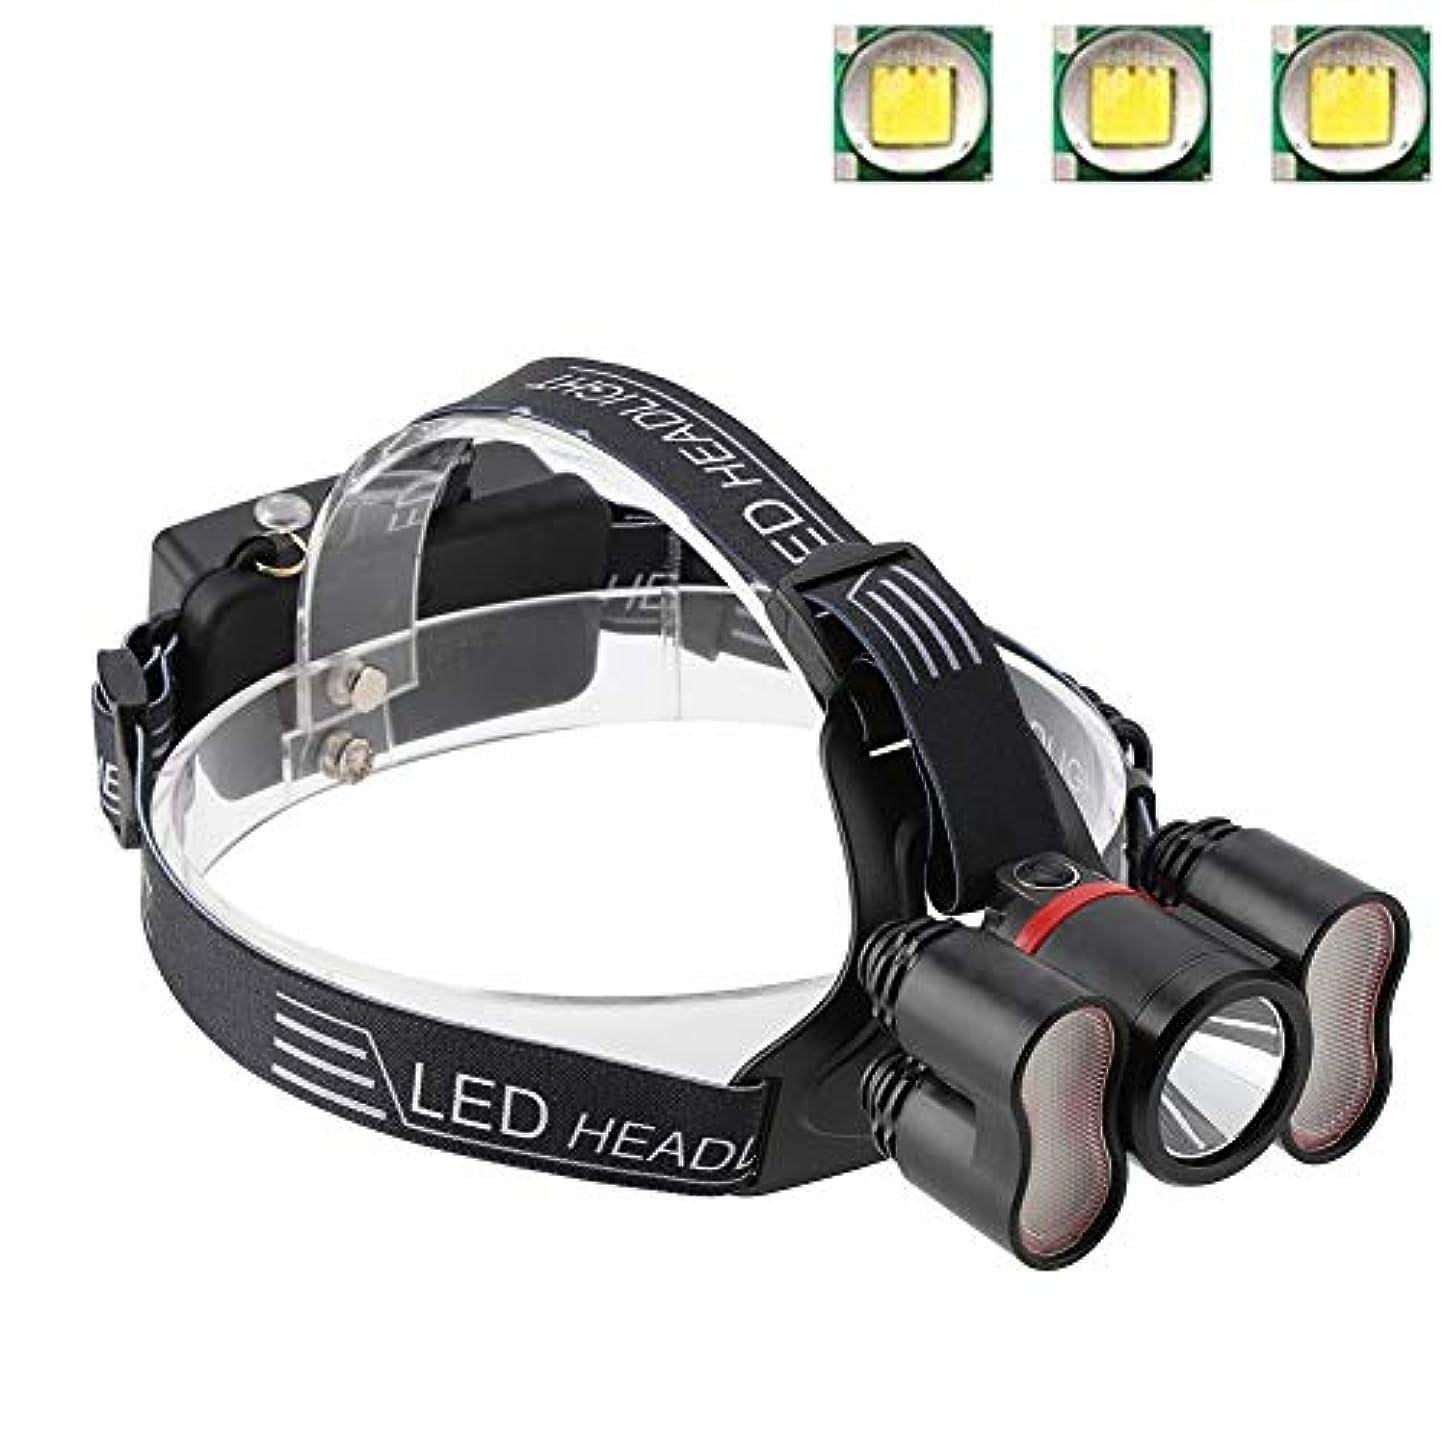 トランペット一貫した挑発するヘッドライト懐中電灯、2000LMヘッドライト18650 LED USB充電式防水トラベルヘッドトーチキャンプランプランニングハイキング釣りに適して(#1)